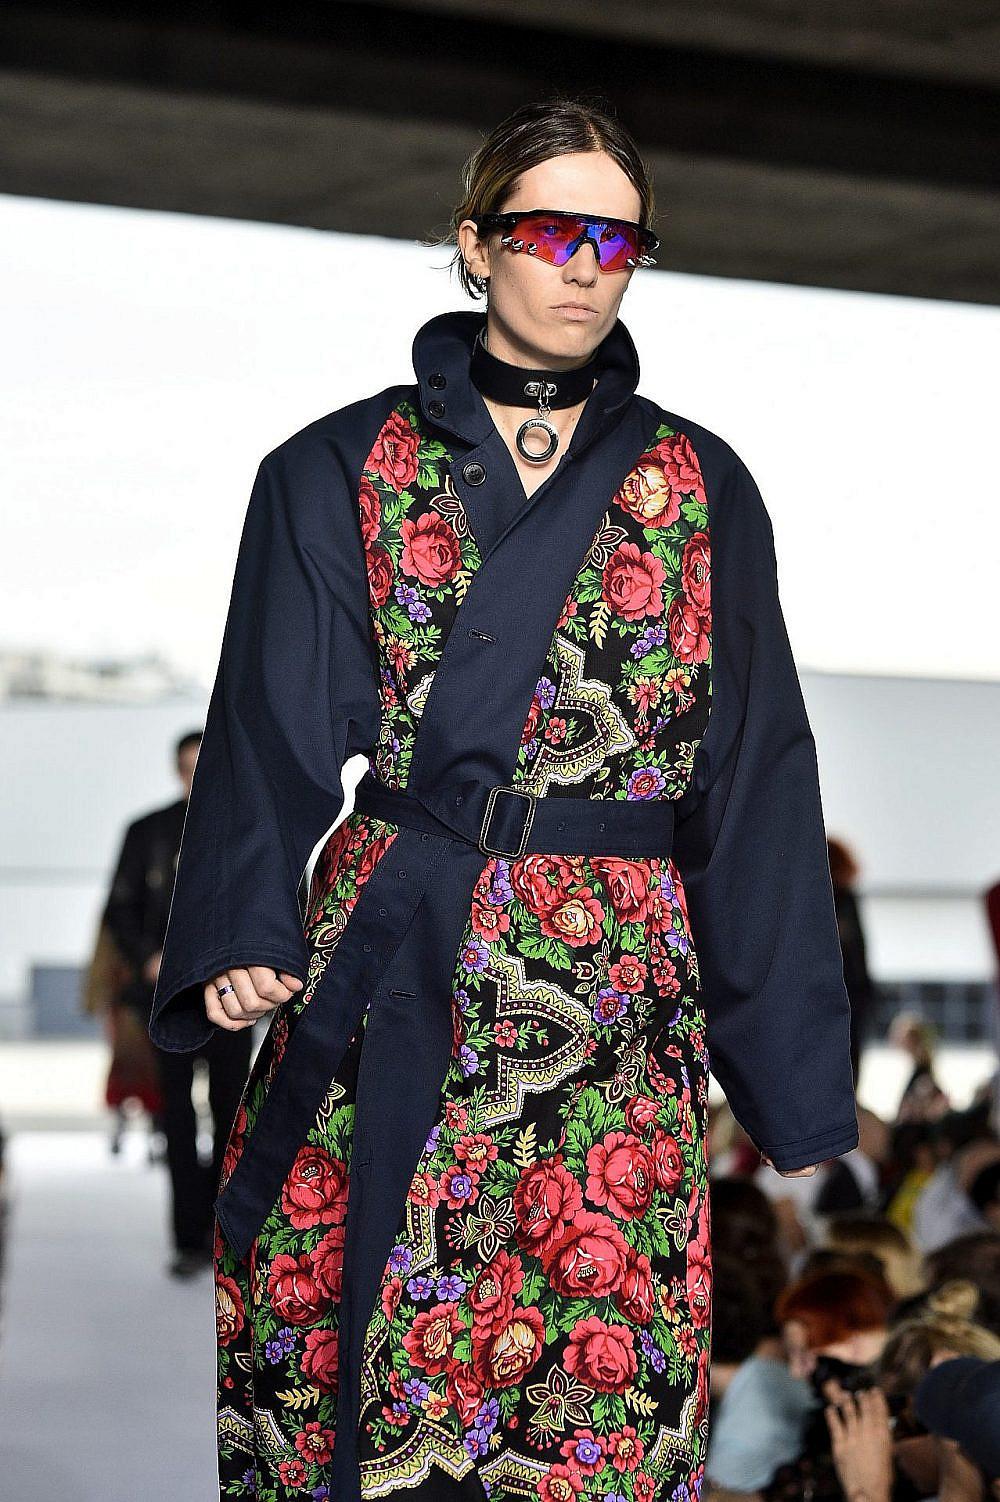 כך המשקפיים נראו על המסלול, תצוגת האופנה של וטמו, חורף 18-19   צילום: Kristy Sparow/Getty Images